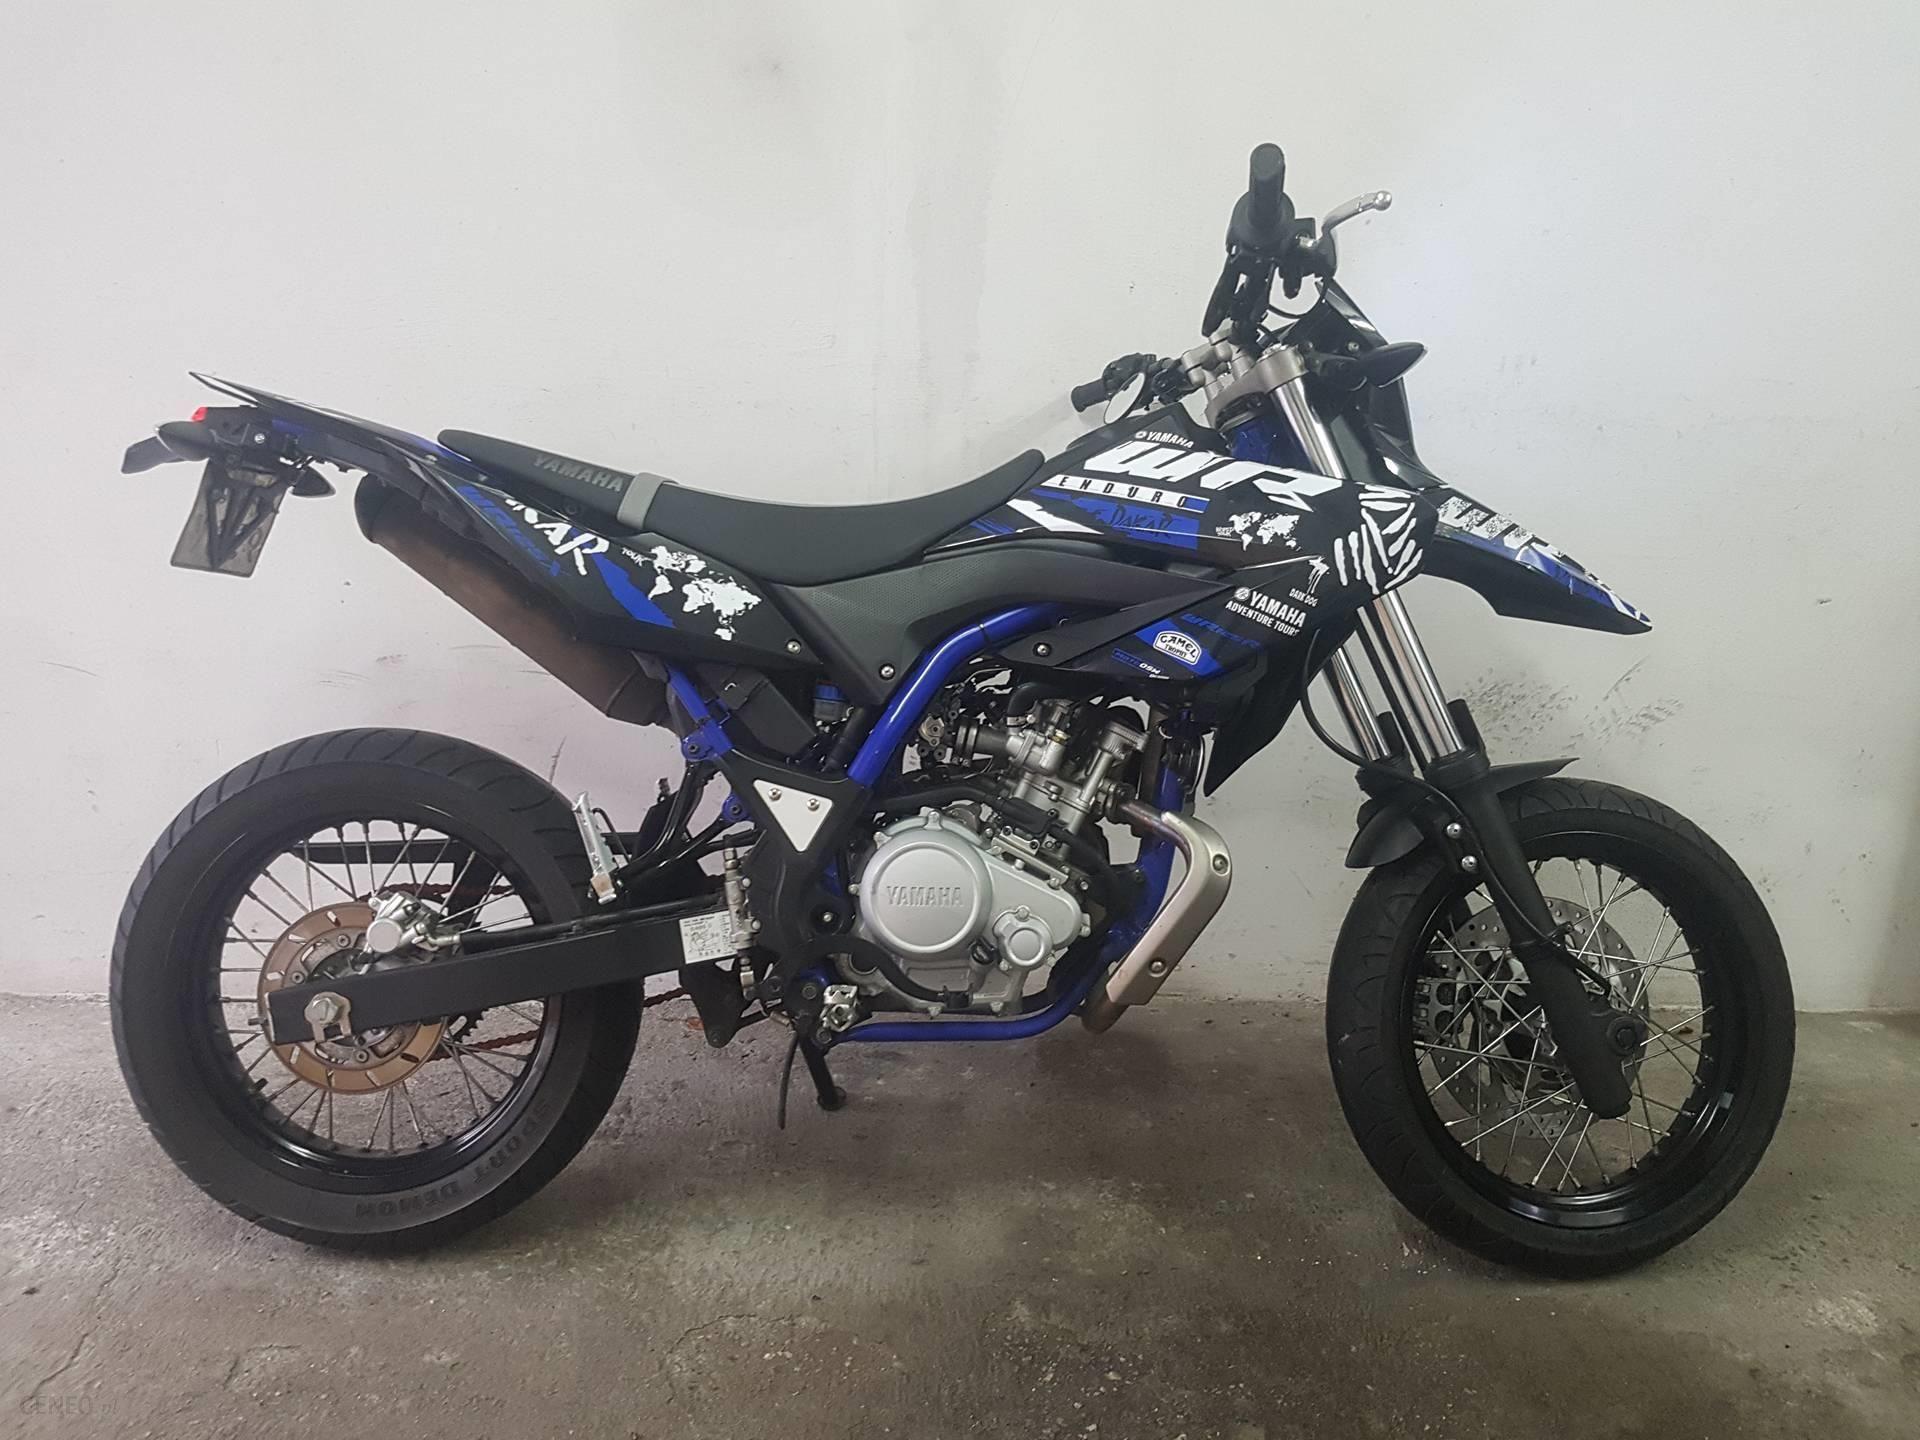 Yamaha Wr 125 X 2009r Opinie I Ceny Na Ceneo Pl